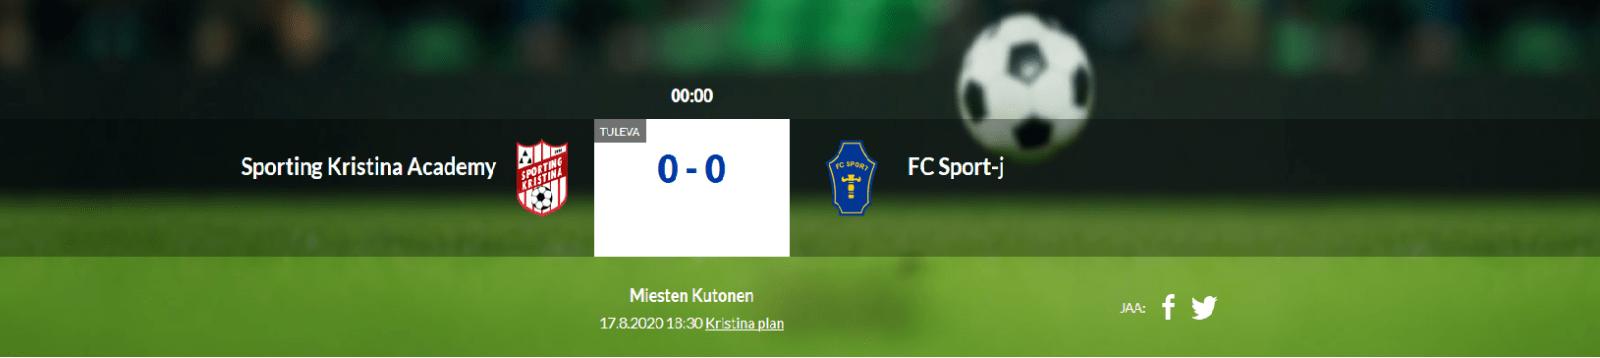 Läs mer om artikeln Sporting Kristina Academy – FC Sport-j 17.8.2020 kl.18.30